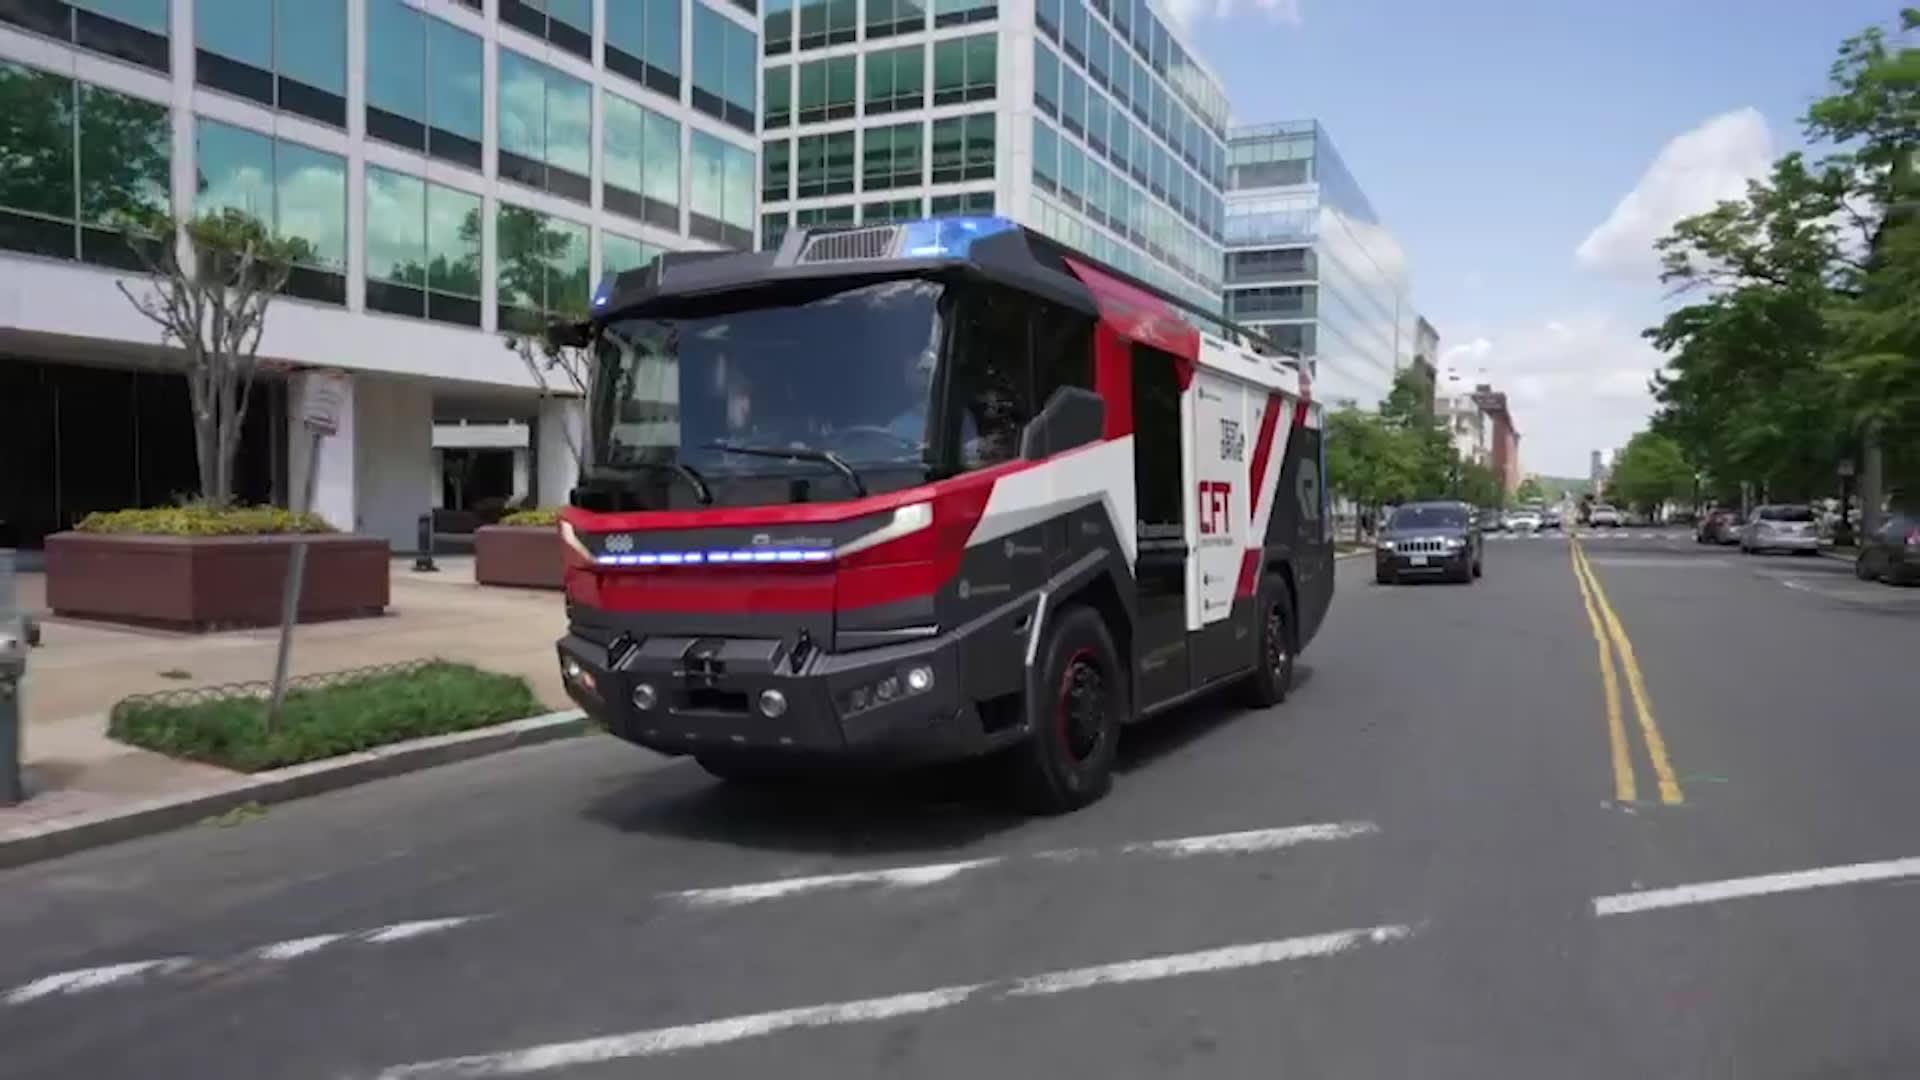 شاهد.. شاحنة إطفاء كهربائية خالية من الانبعاثات.. هكذا تعمل